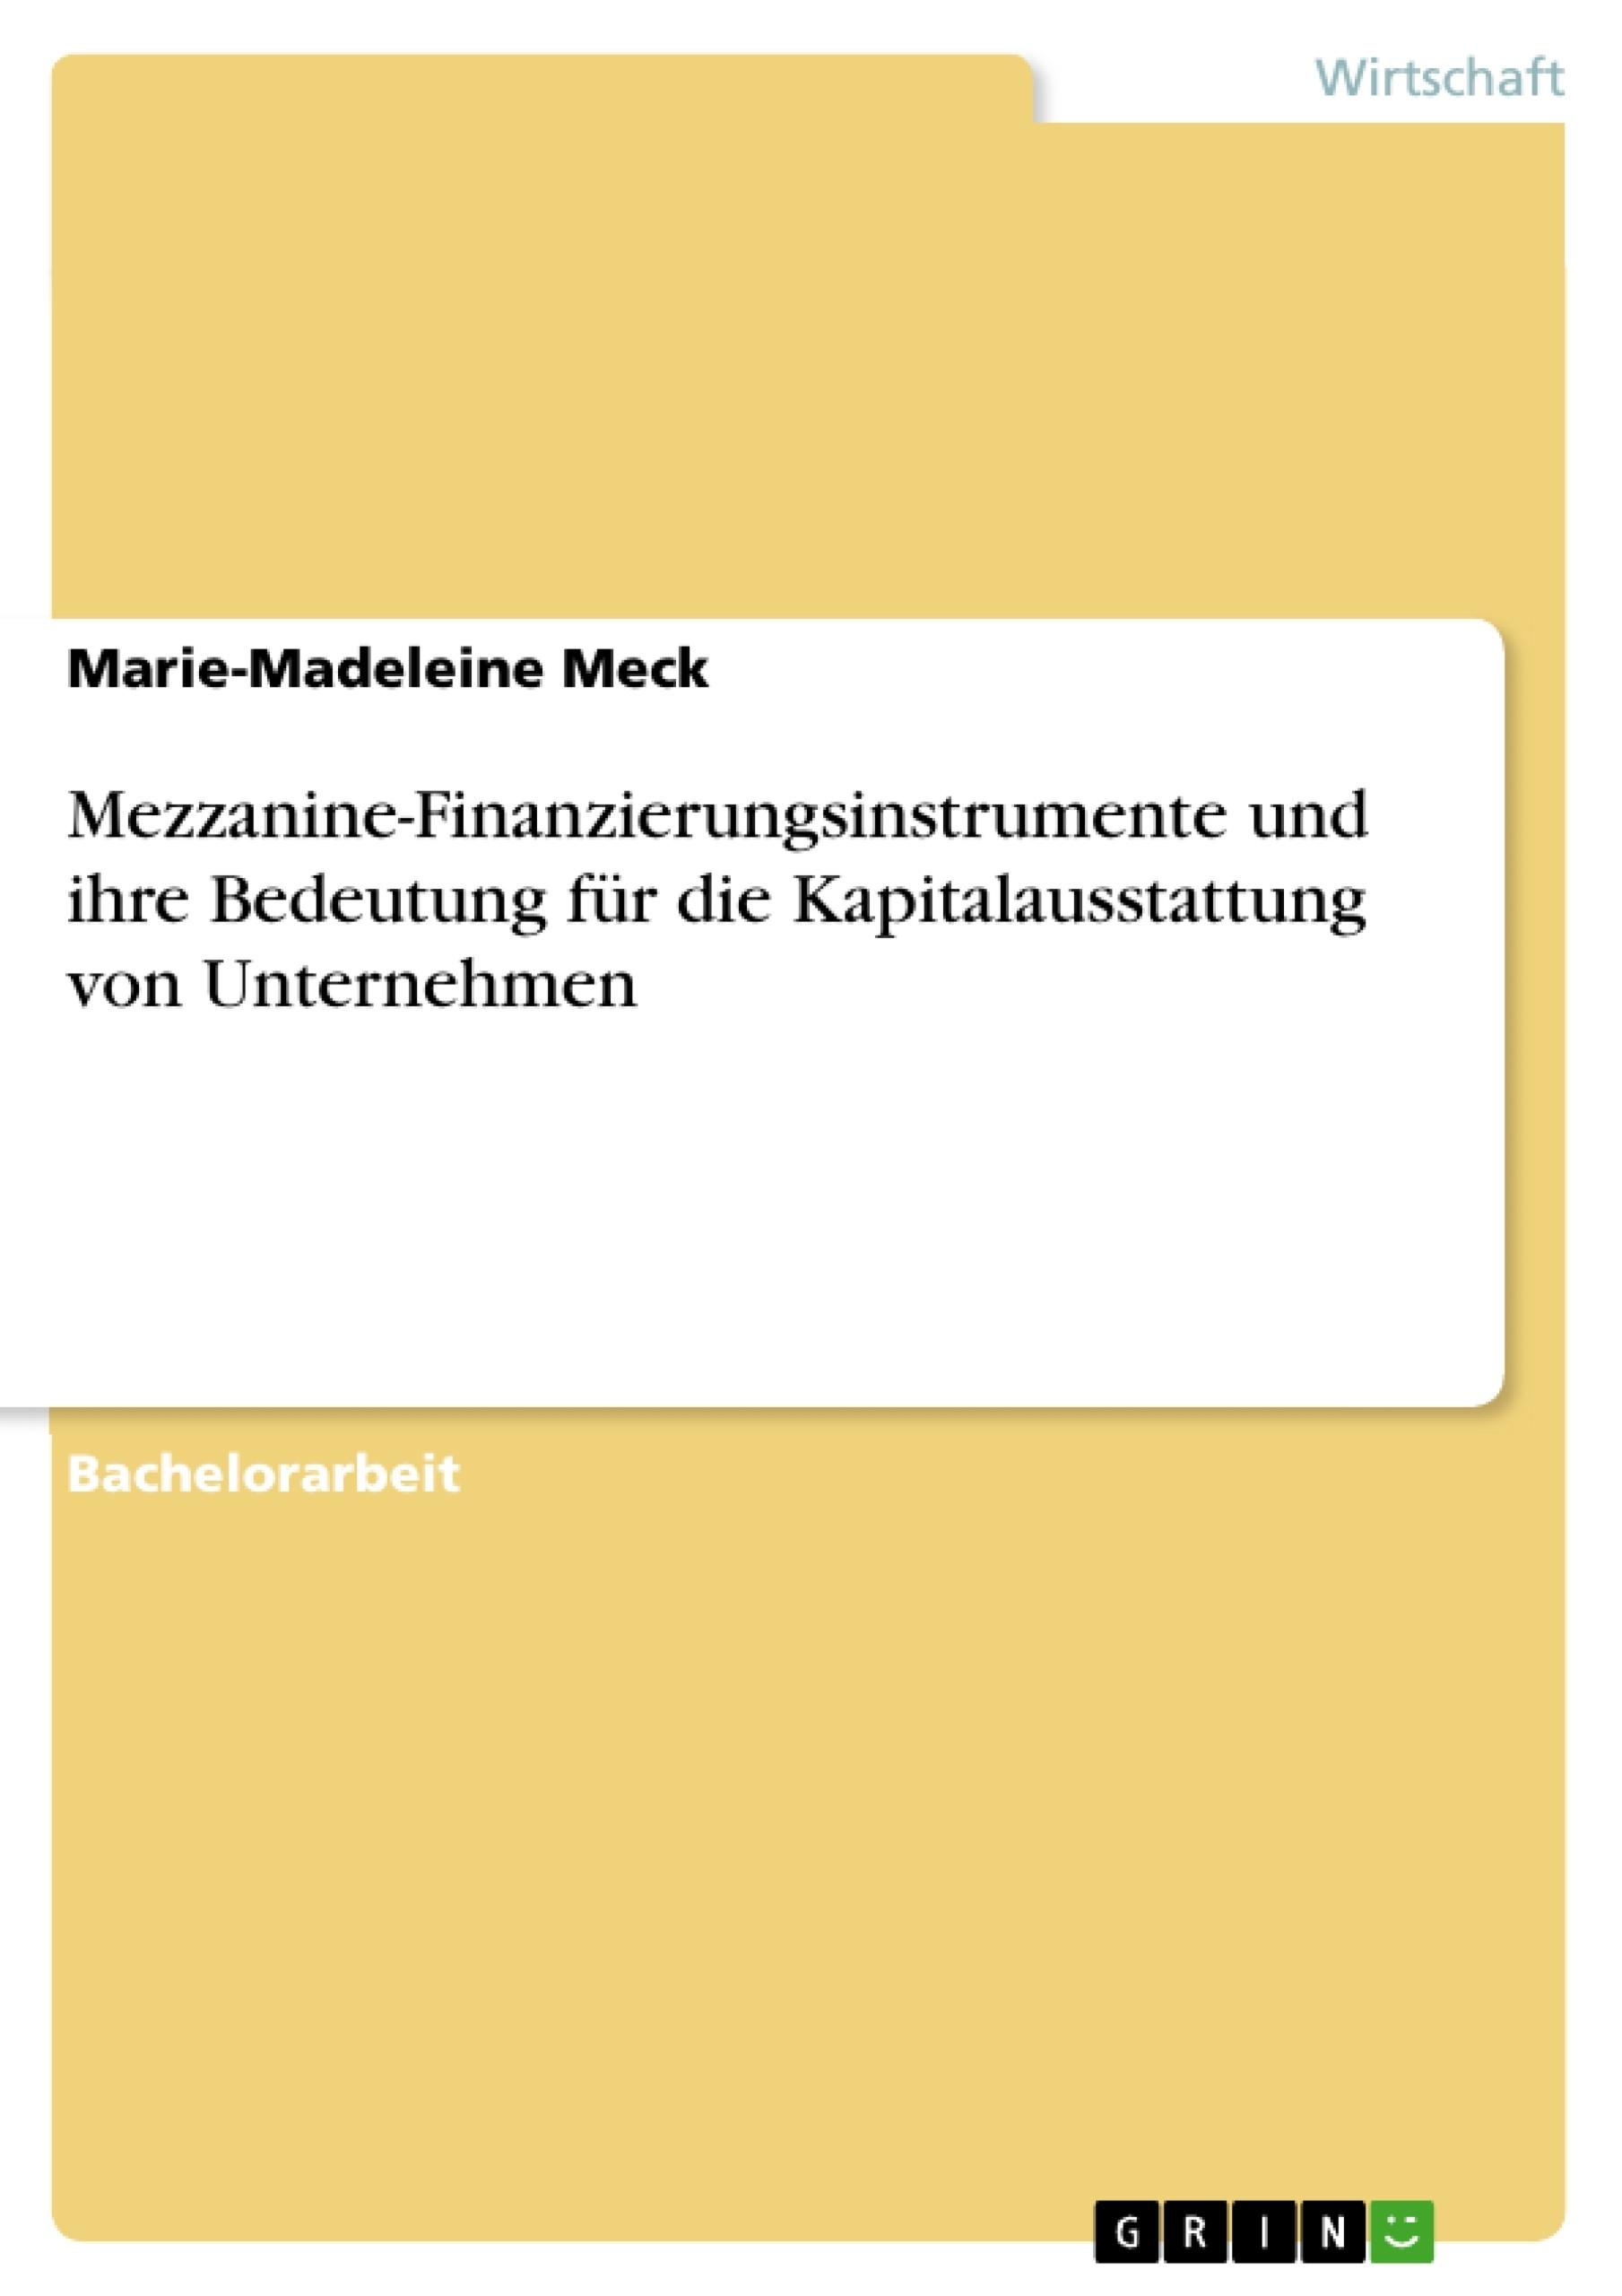 Titel: Mezzanine-Finanzierungsinstrumente und ihre Bedeutung für die Kapitalausstattung von Unternehmen